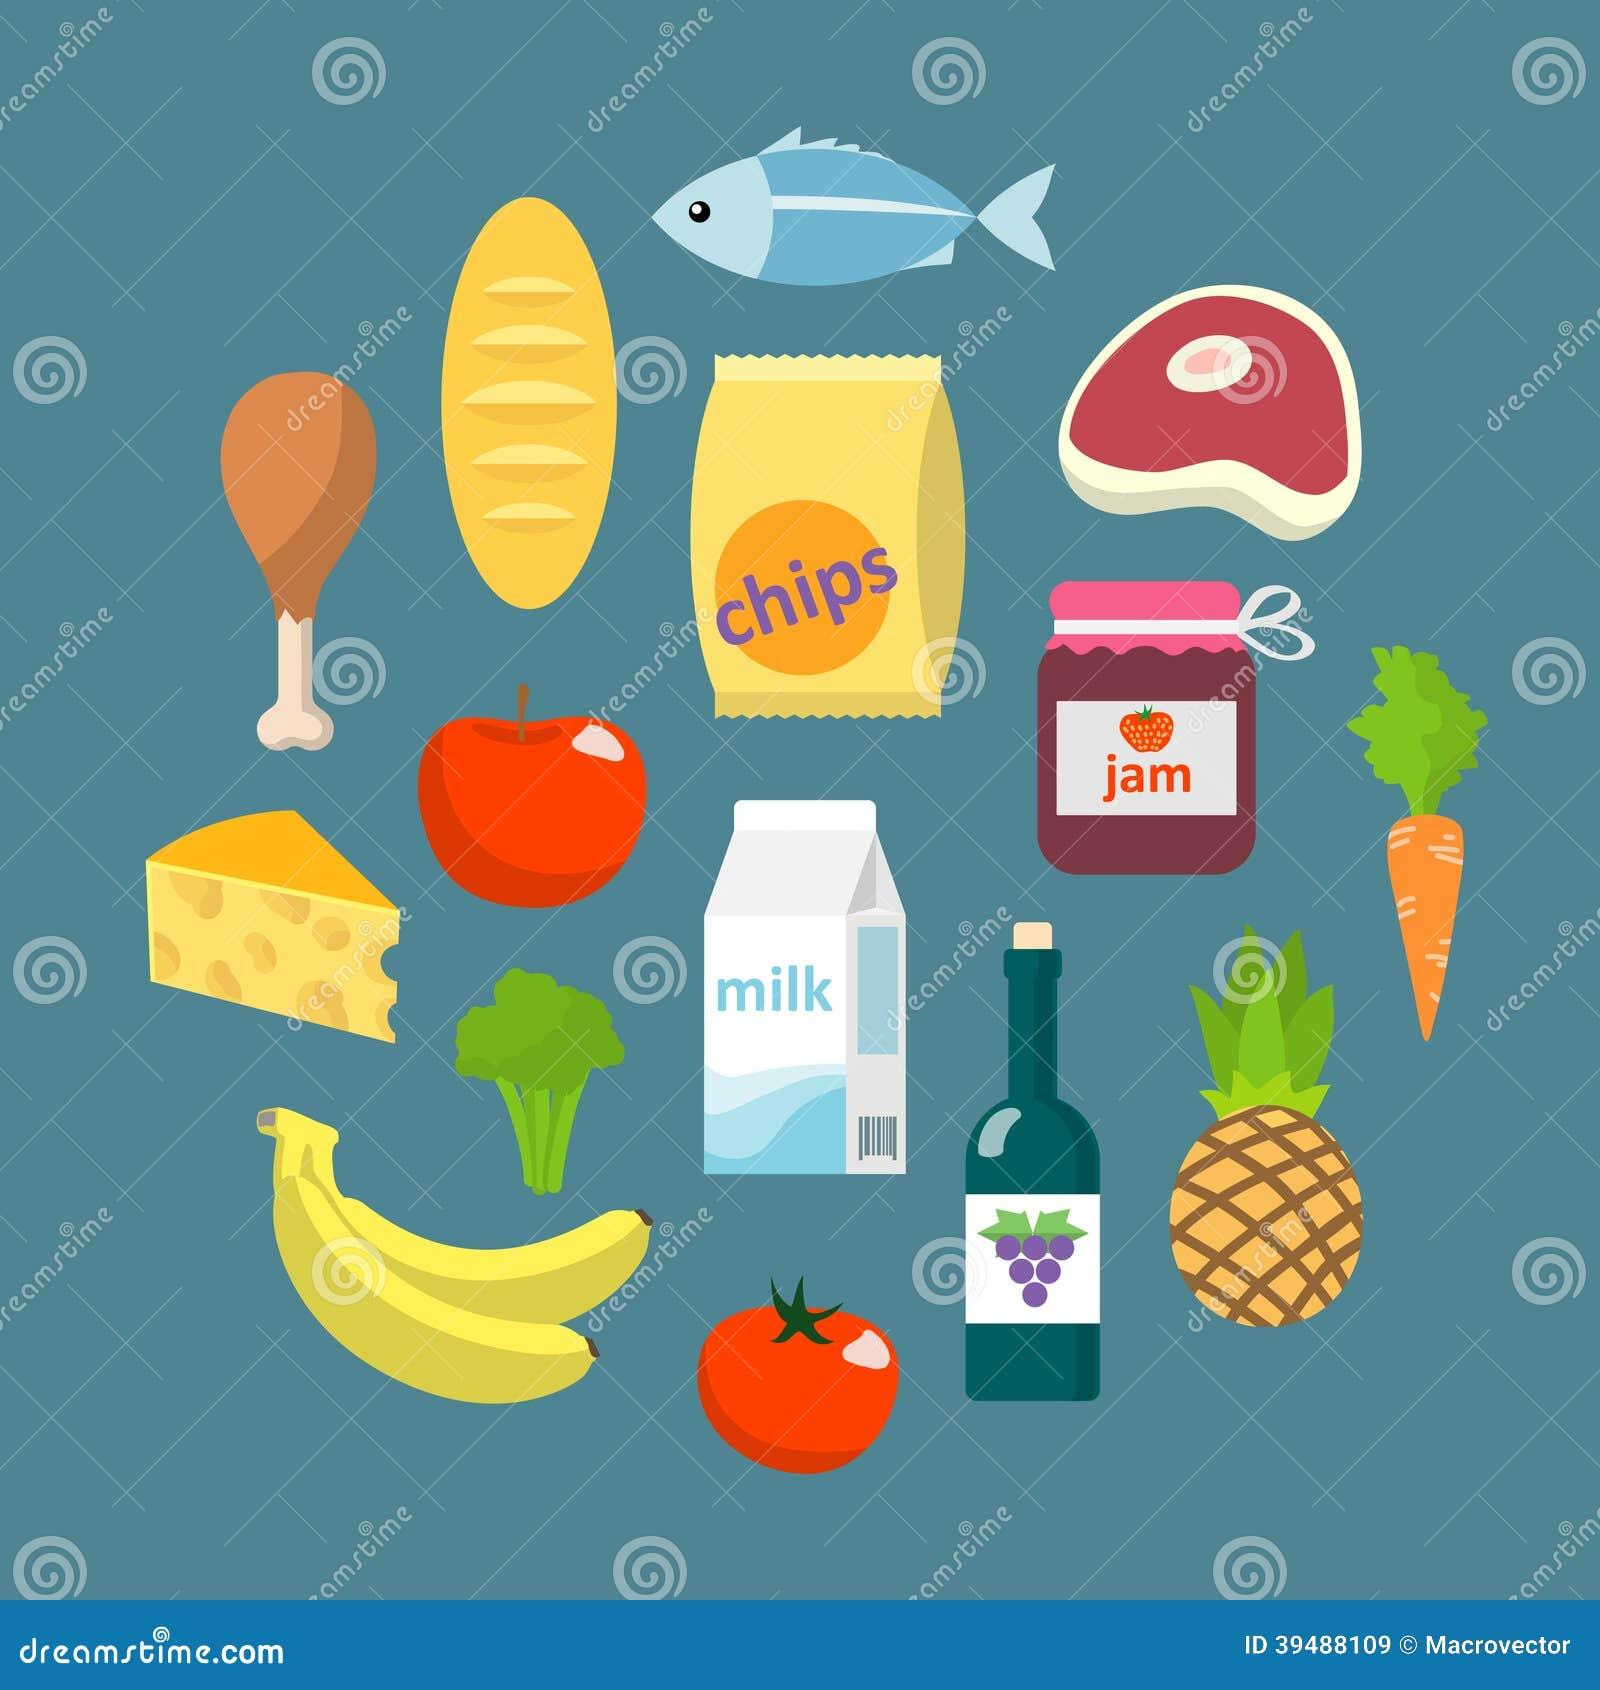 Online Supermarket Foods Flat Concept Stock Vector Image